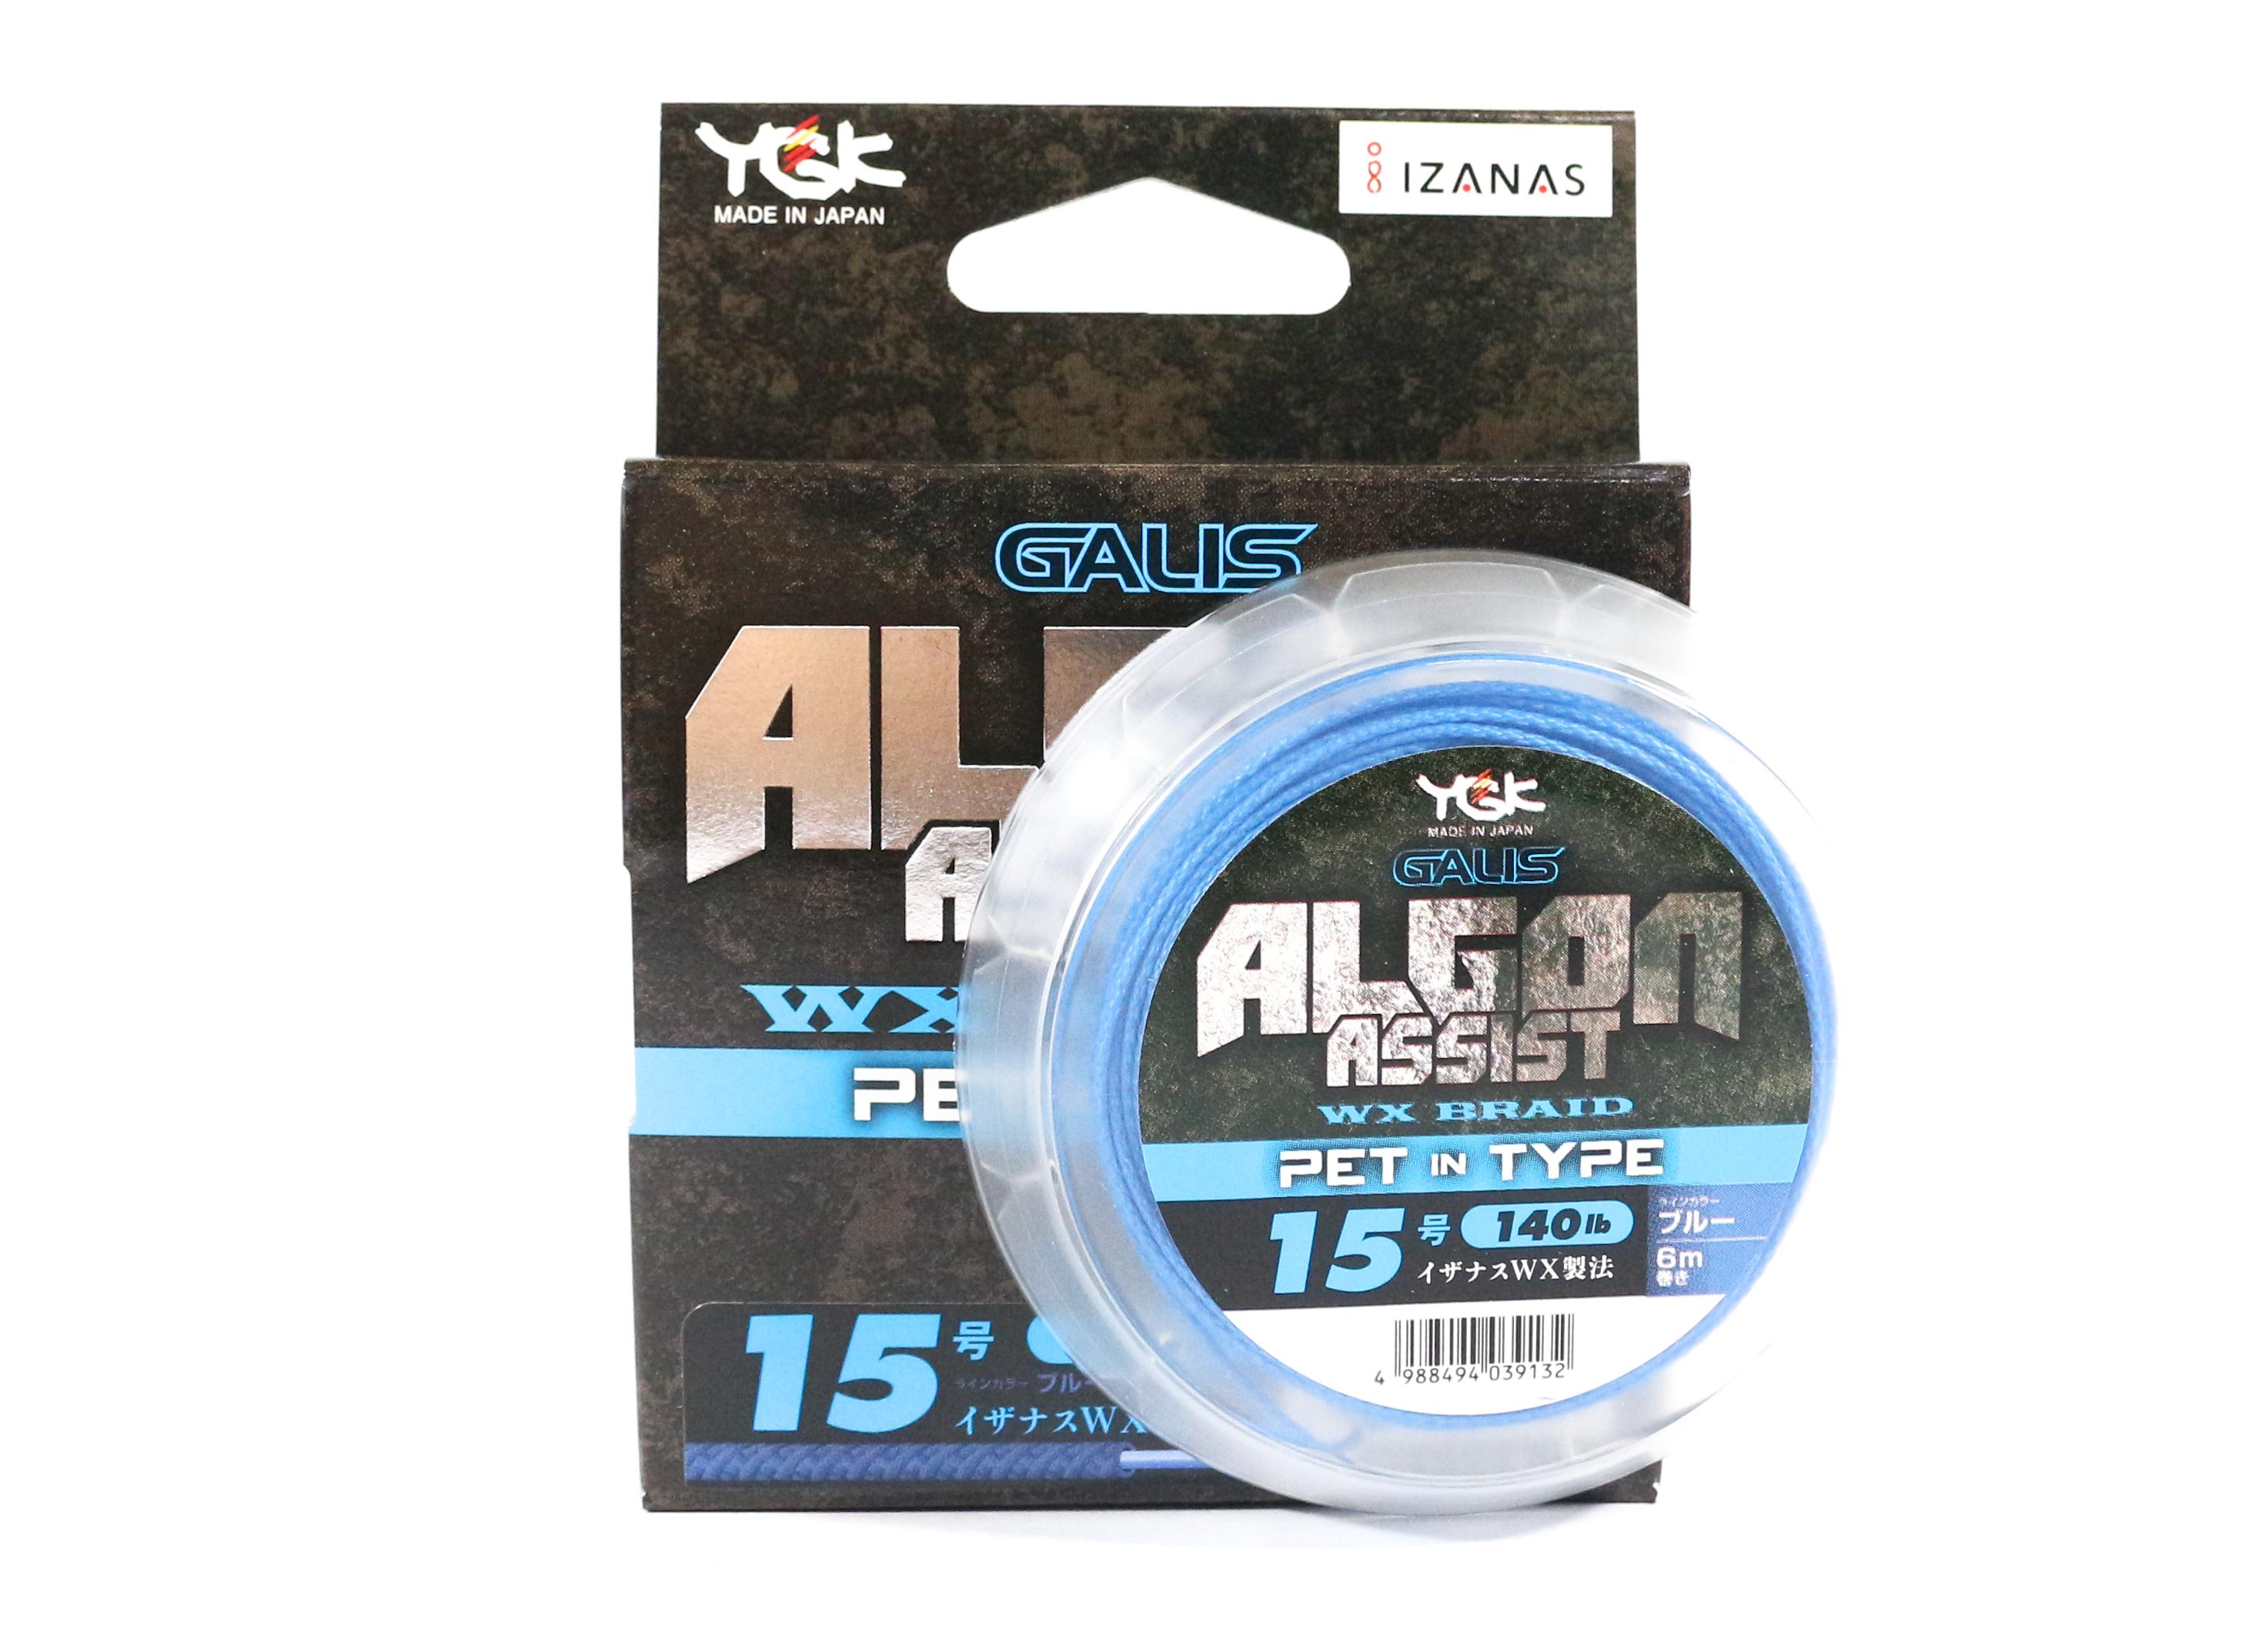 YGK Algon Assist WX Braid PET in Type 6m Size 15, 140lb Blue (9132)